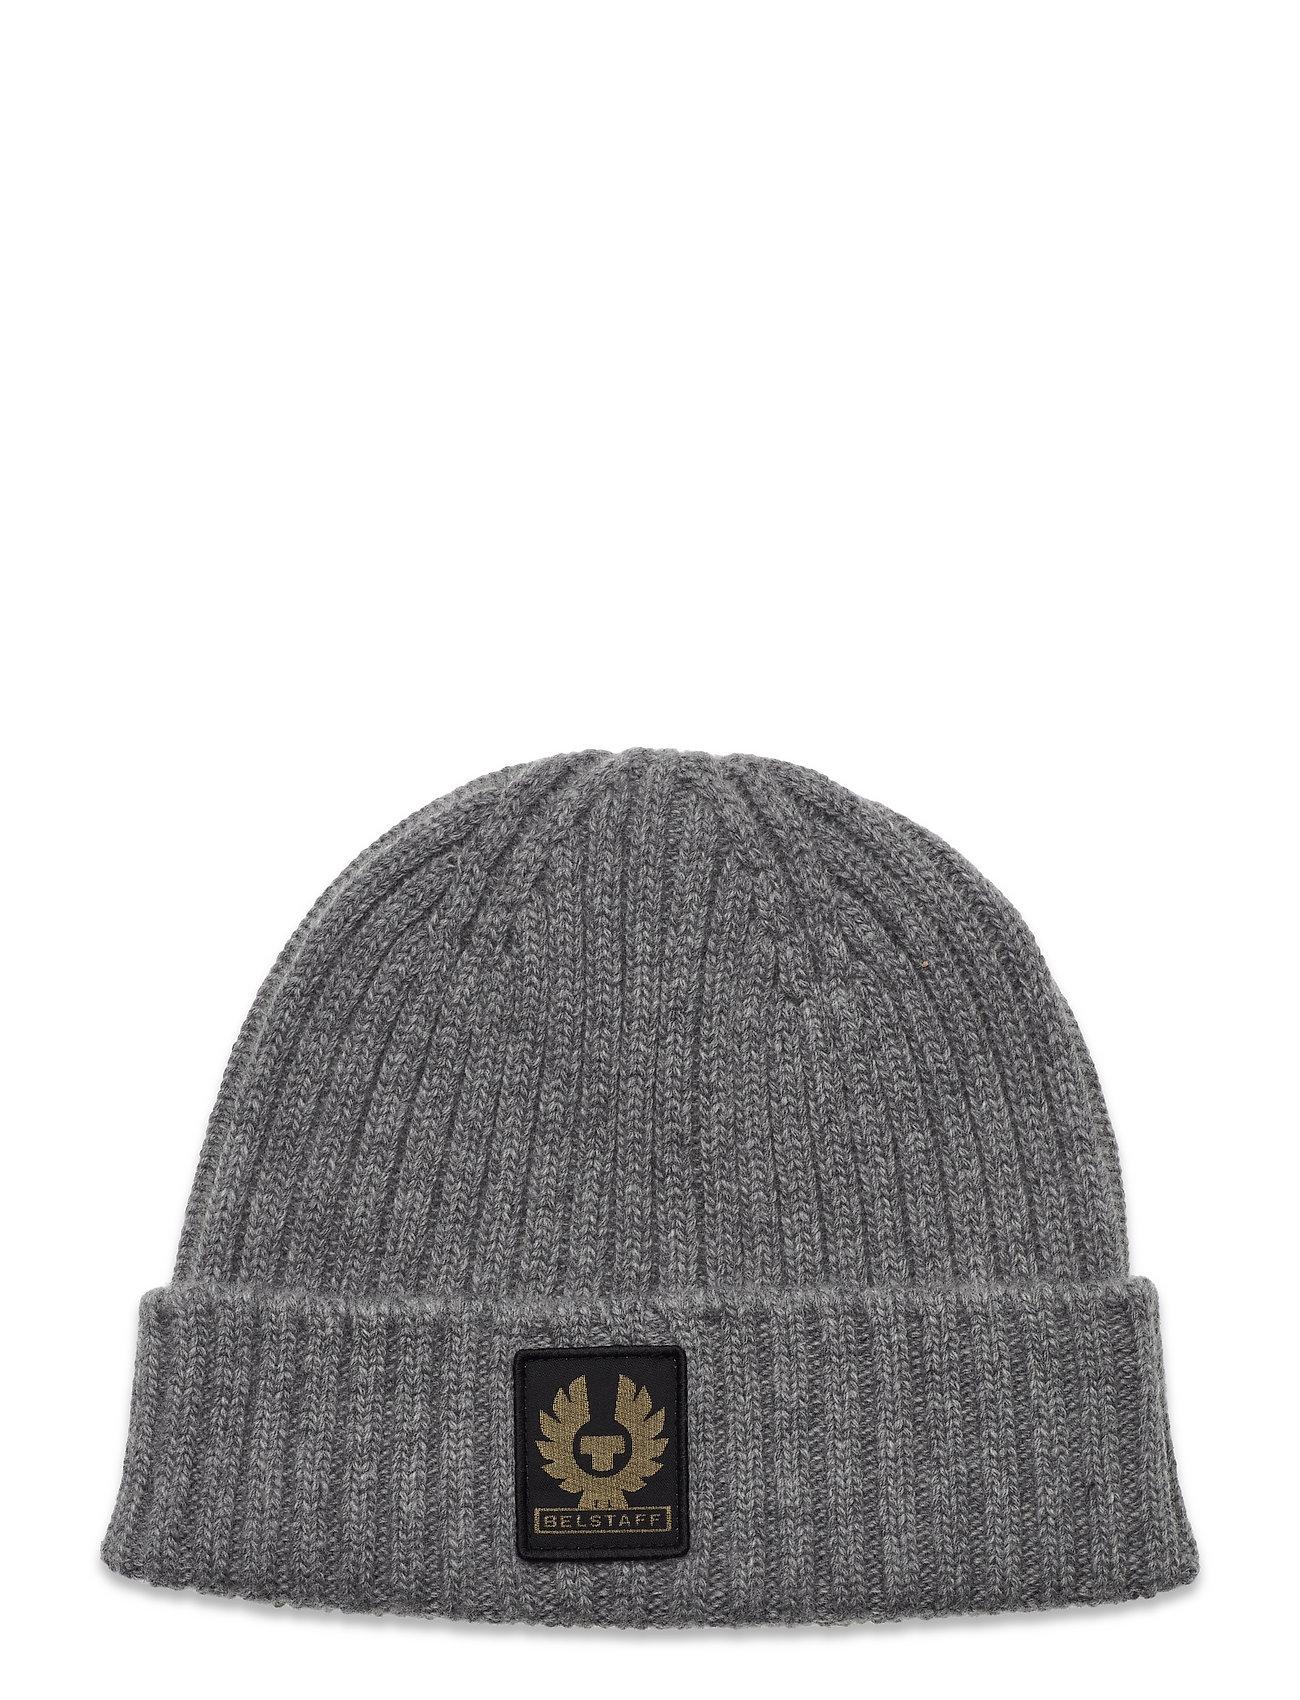 Watch Hat W/Patch Accessories Headwear Beanies Grå Belstaff